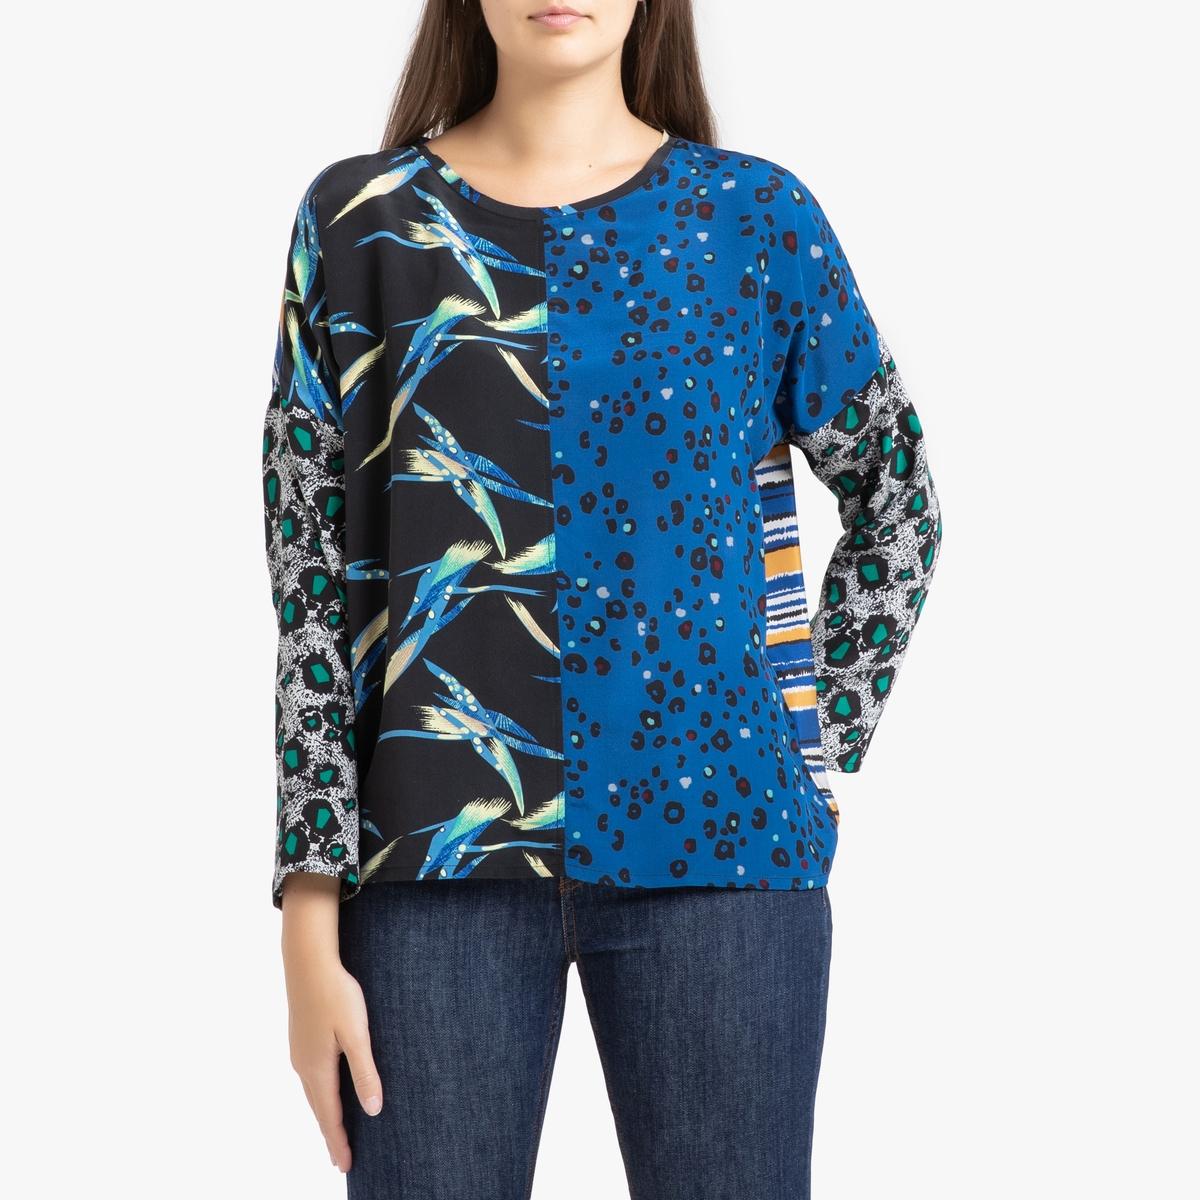 Блузка La Redoute Из шелка с длинными рукавами S/M синий блузка с круглым вырезом графическим рисунком и длинными рукавами